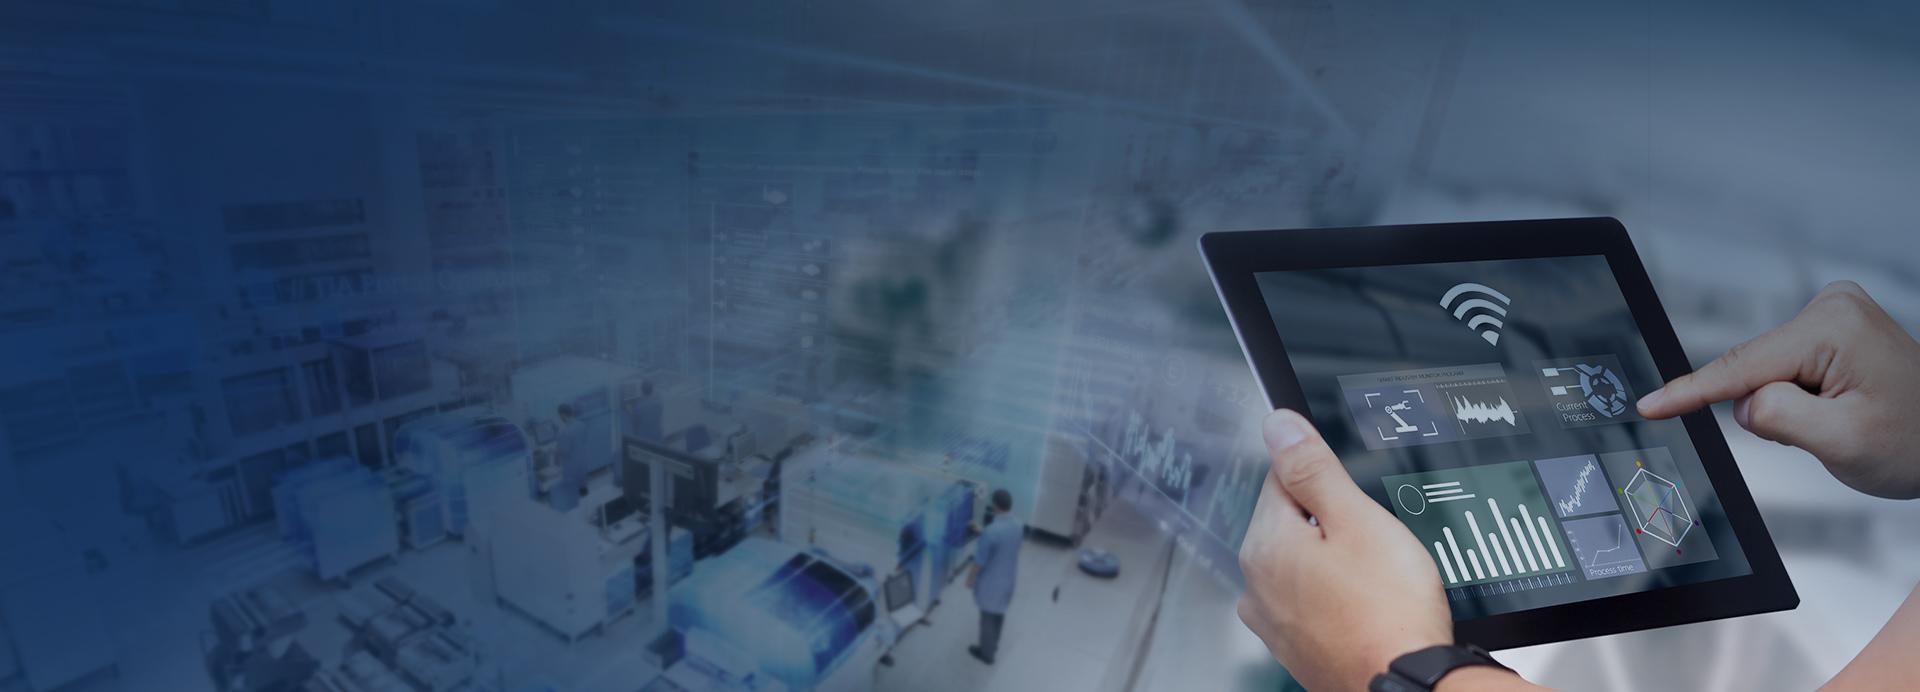 设备互联互通 生产智能协同